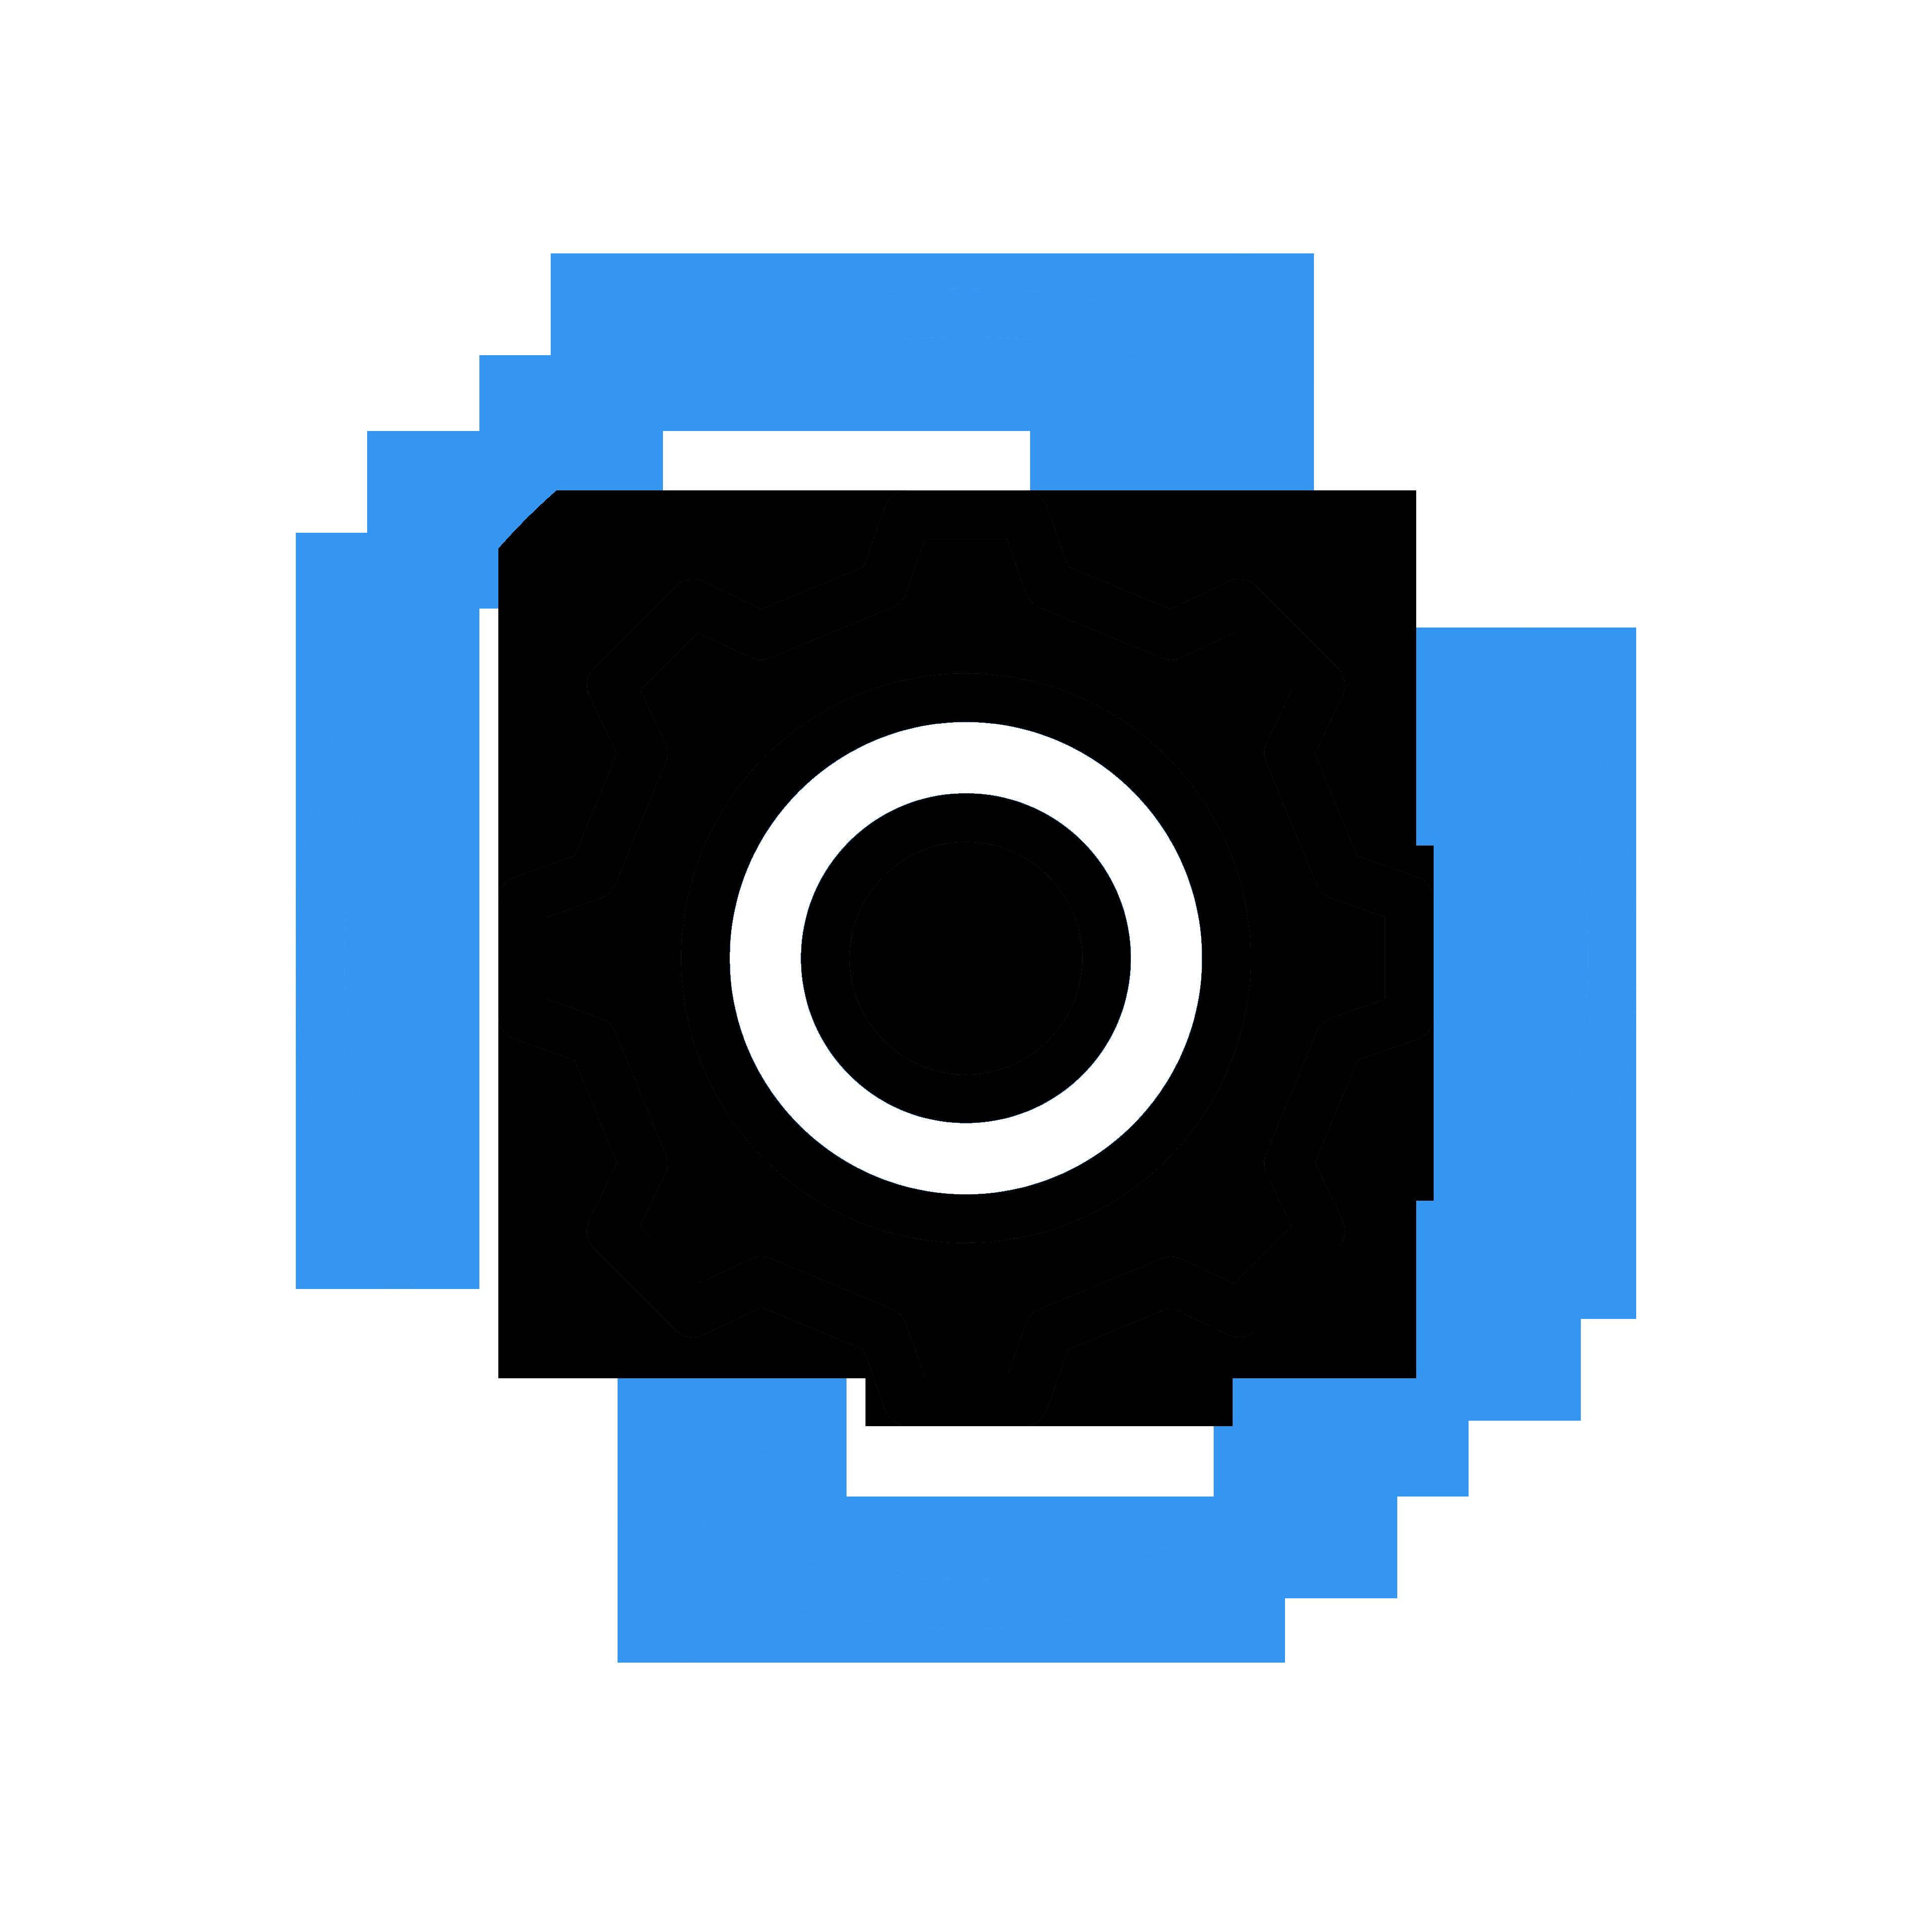 ecosystem-icon